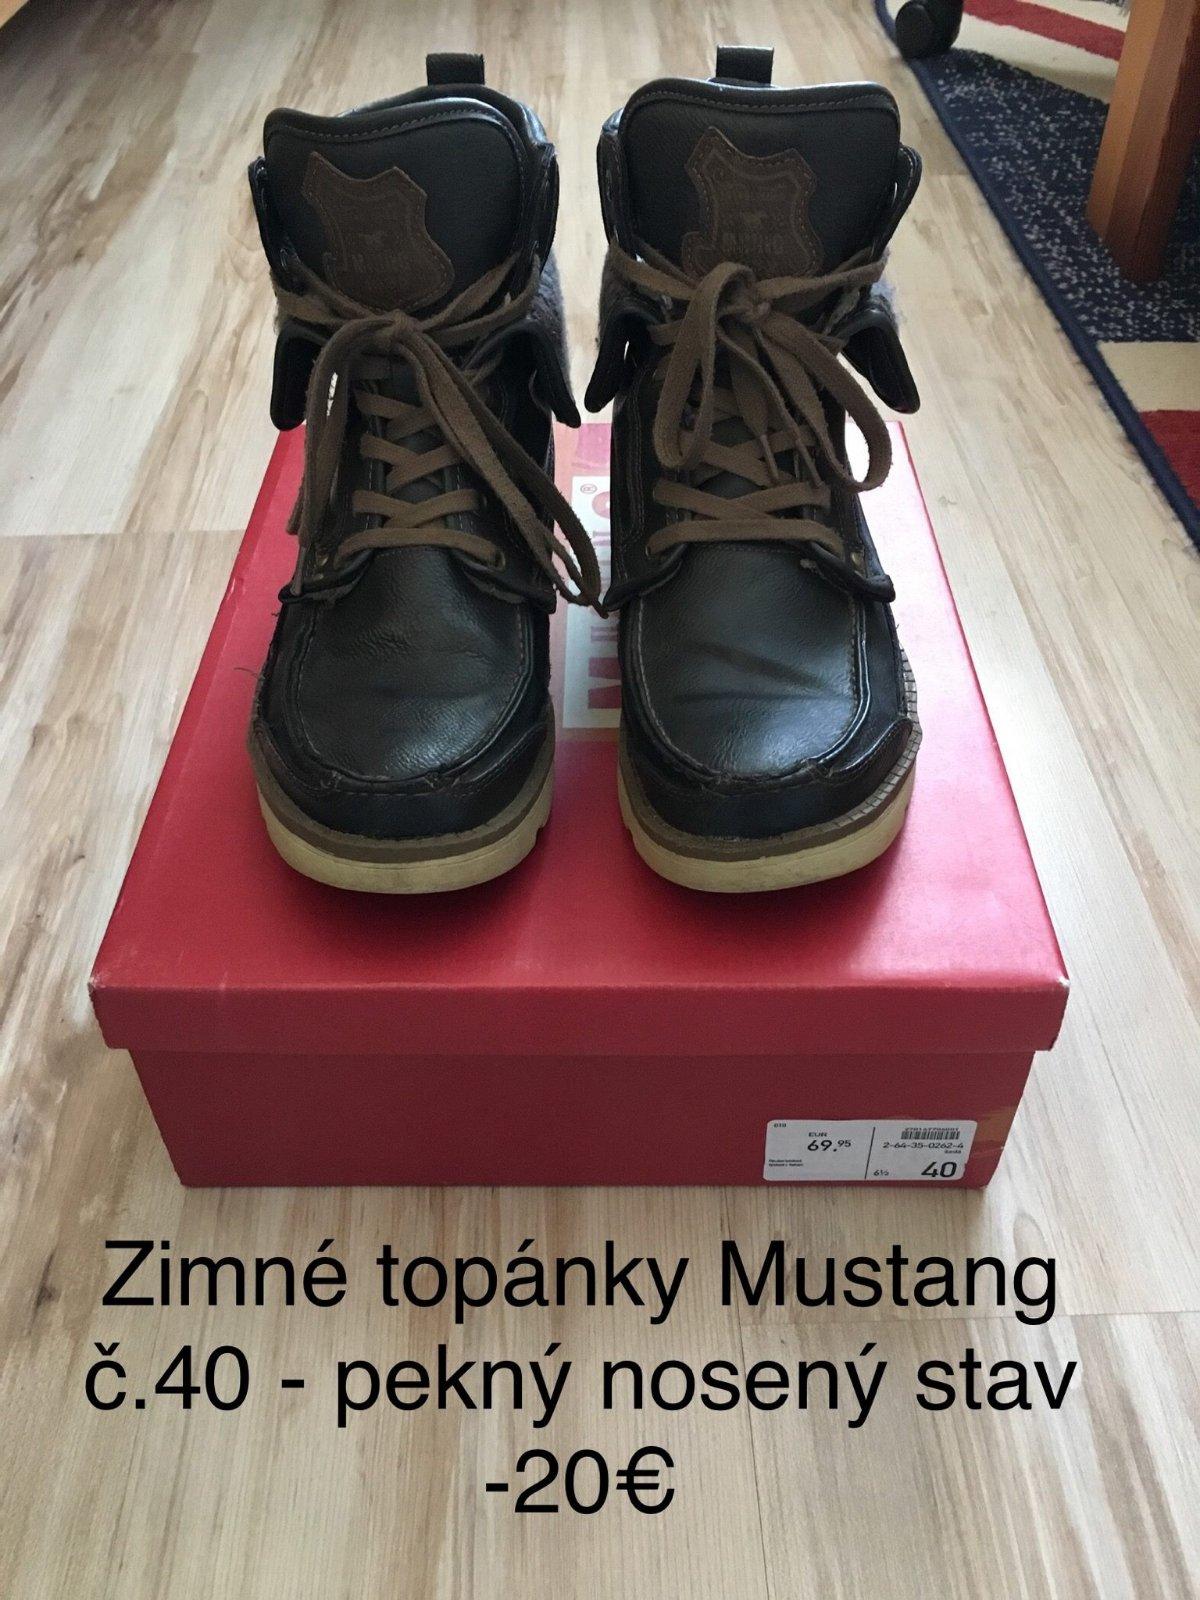 22ce45cfb5e5b Zimné chlapčenské/pánske topánky mustang č. 40, mustang,40 - 20 € od  predávajúcej cadbury | Detský bazár | ModryKonik.sk